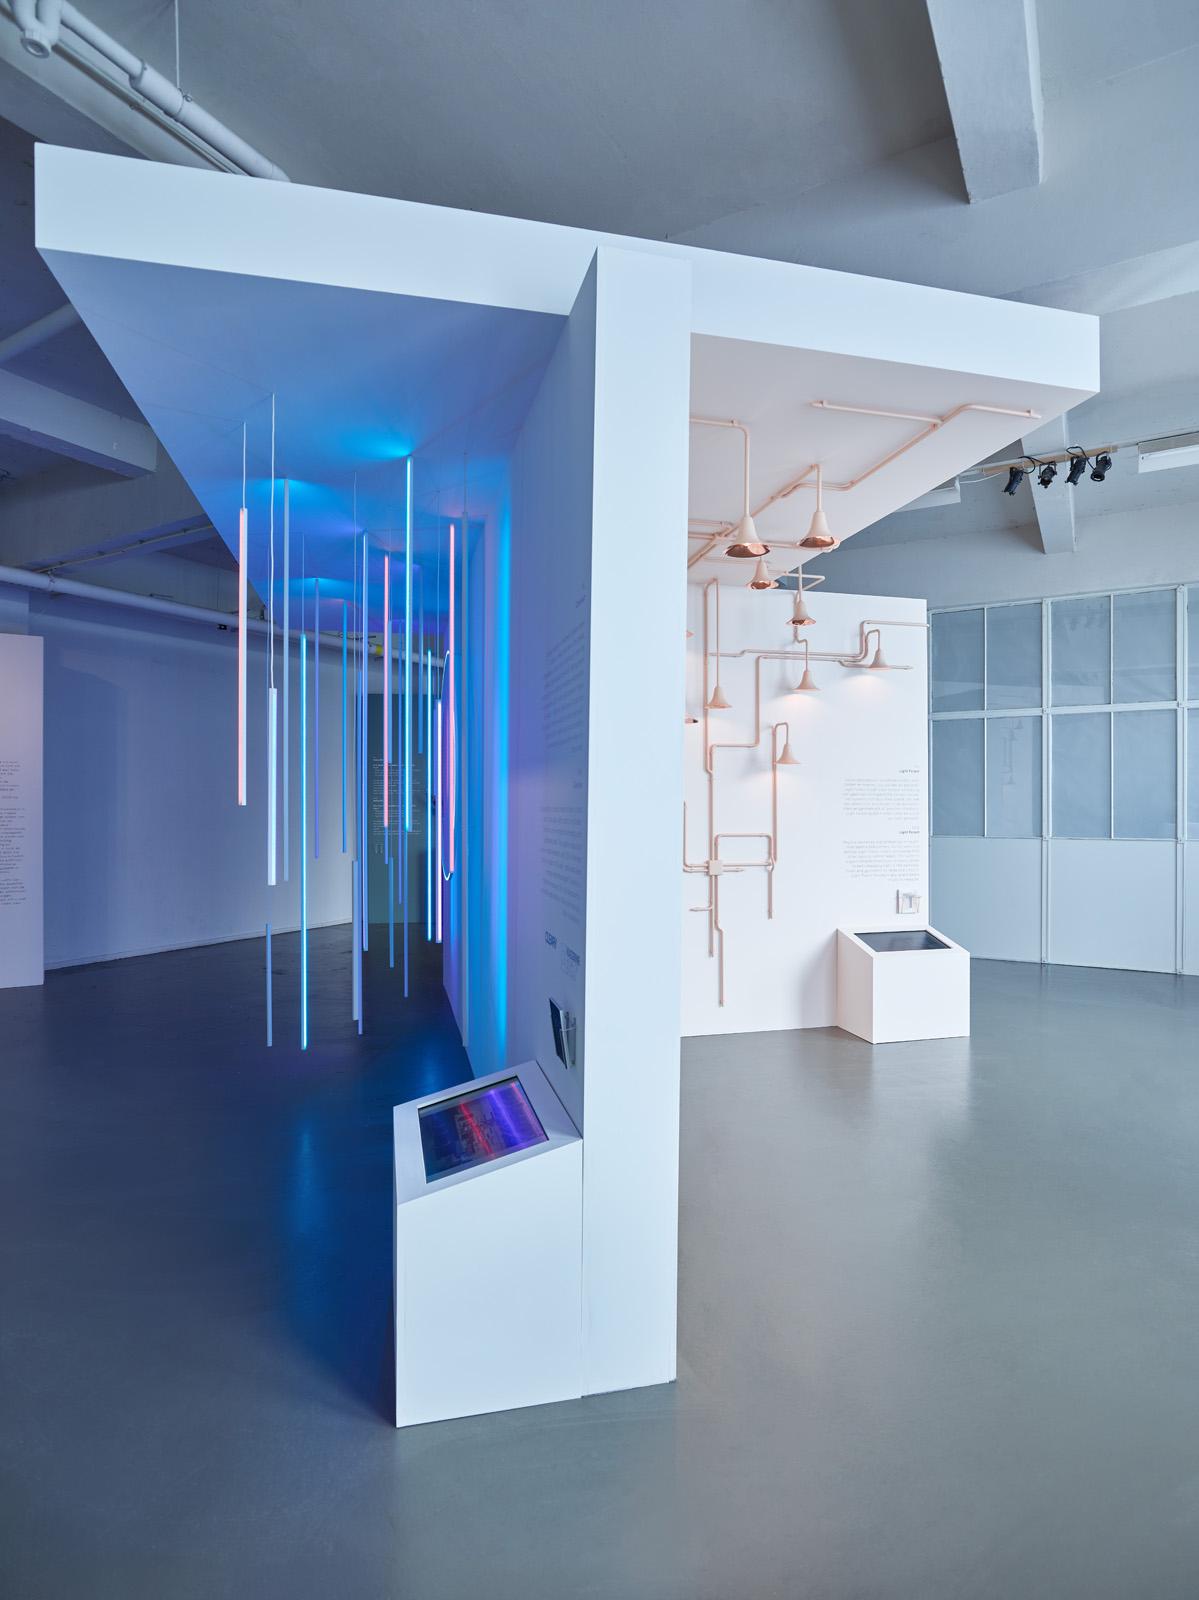 Exhibition: Dutch Design Week 2018